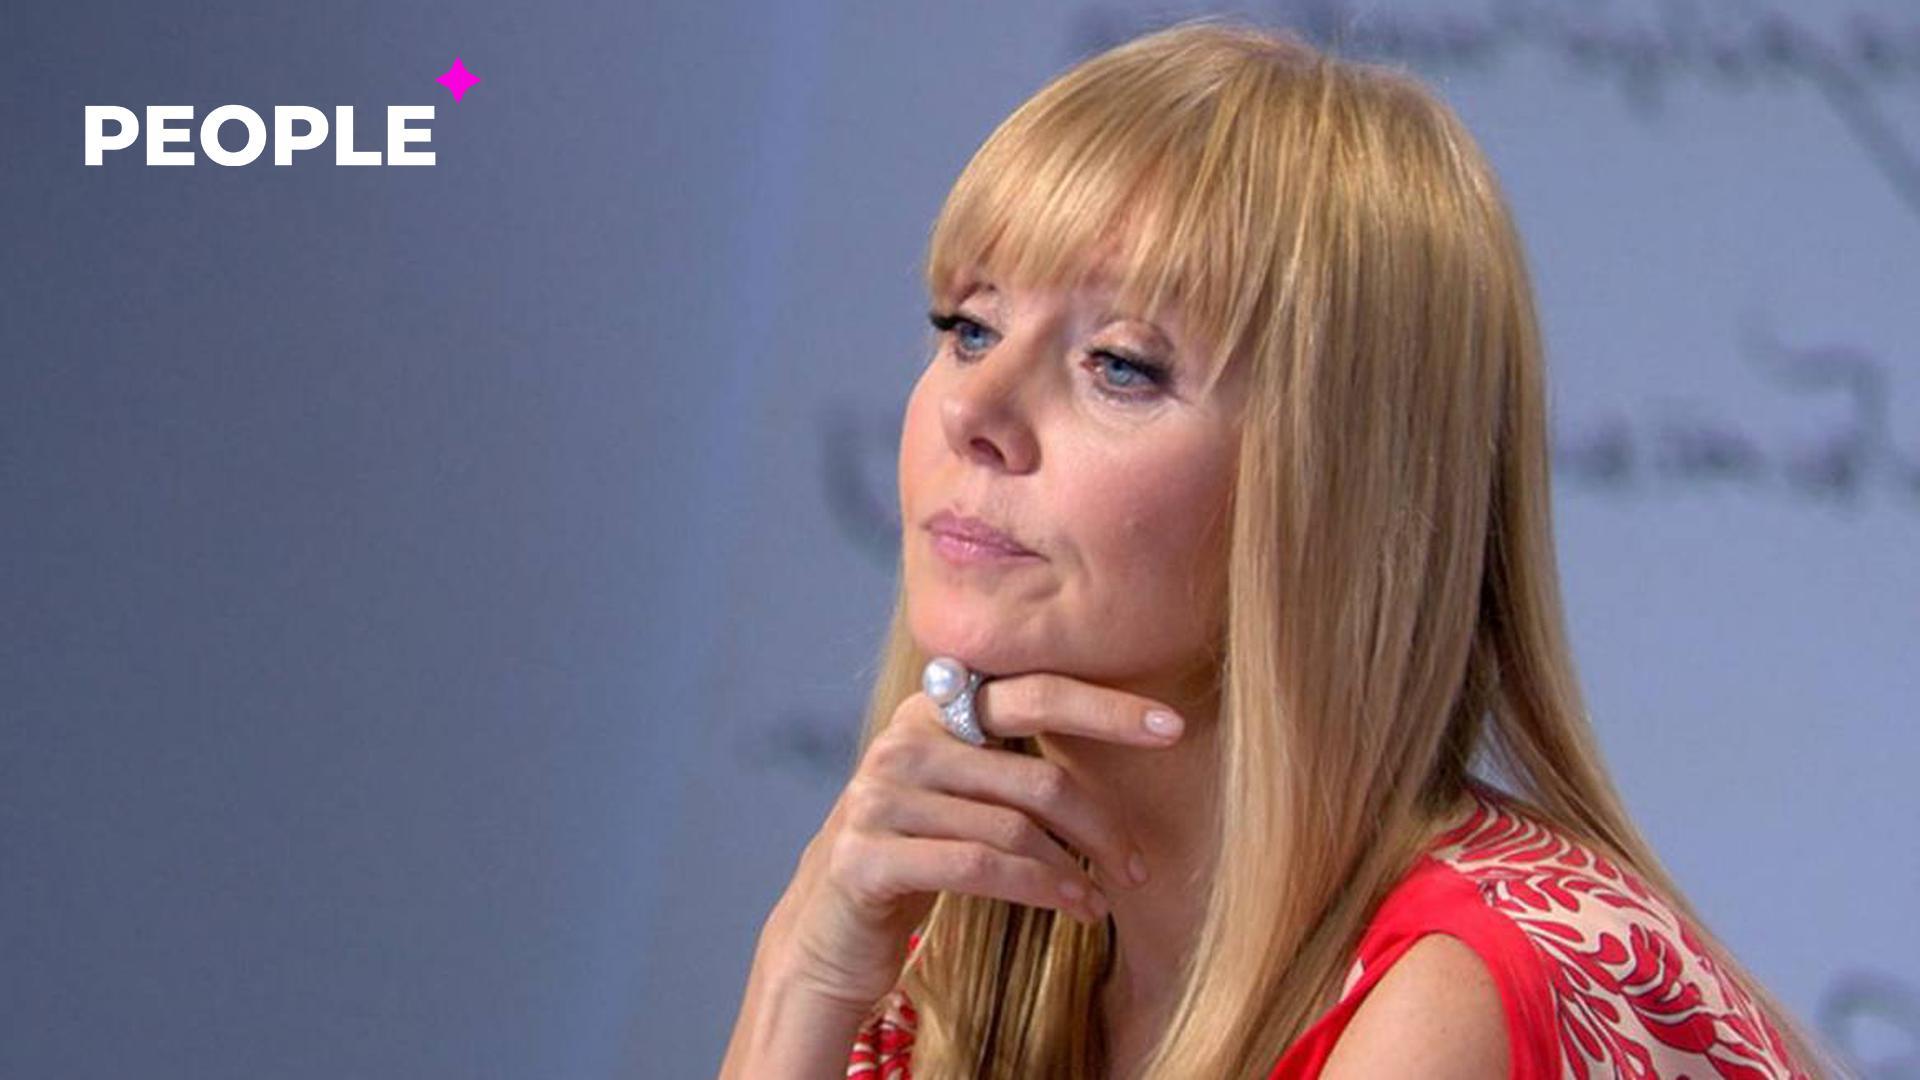 Певица Валерия продает недвижимость из-за тяжелого финансового состояния